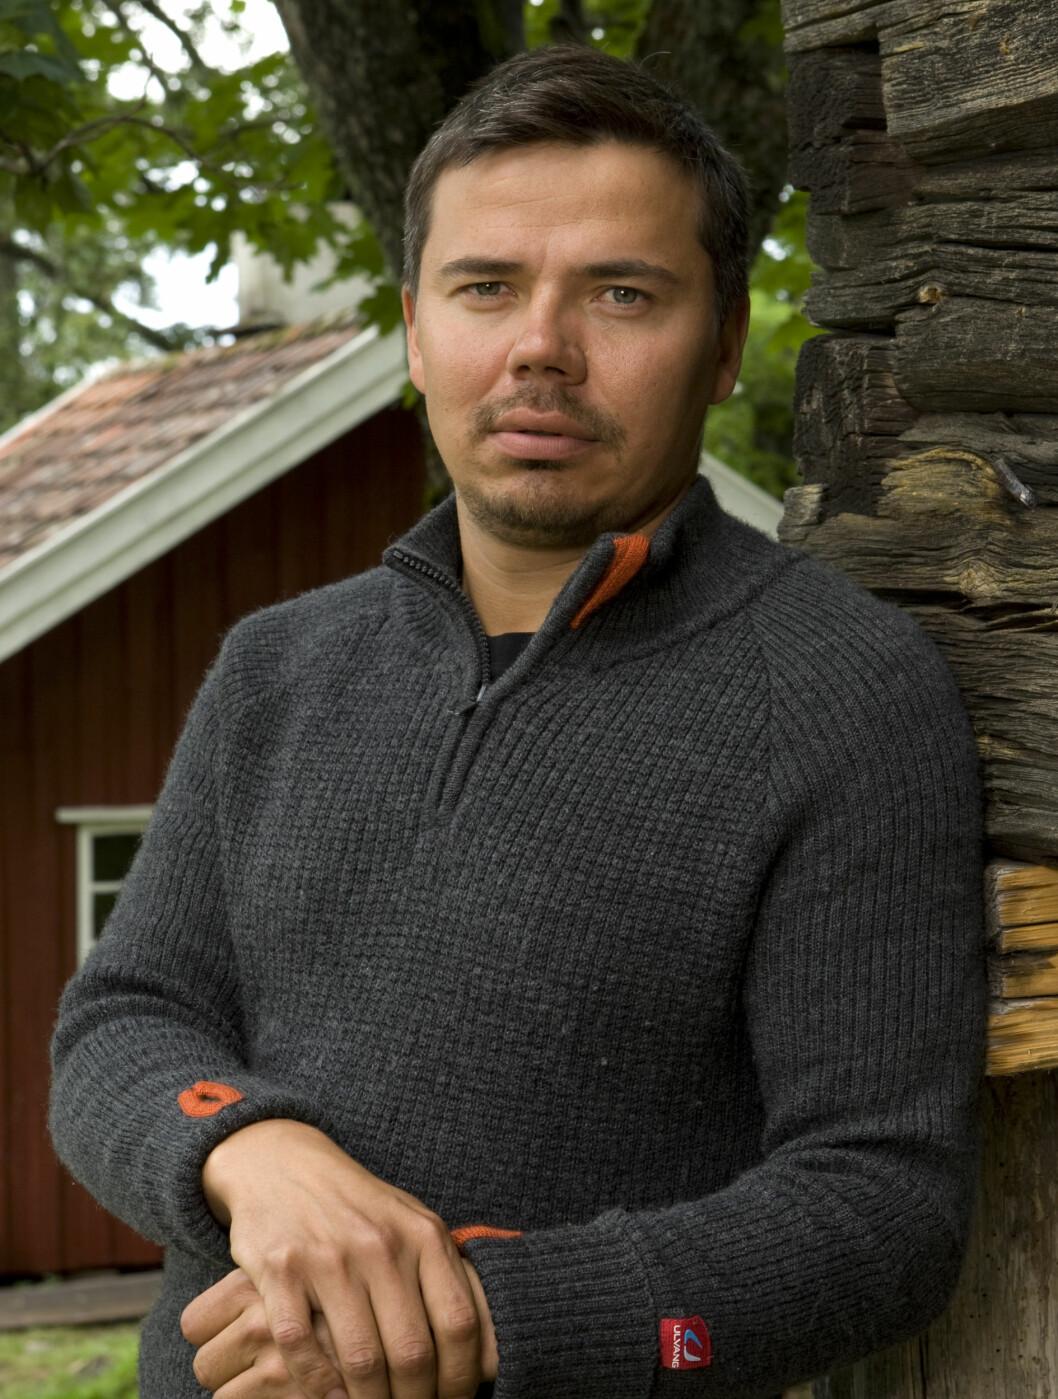 <strong>HARDE UKER:</strong> Per-Arne Guttorm skal forsøke å ta seg gjennom ti knallharde uker i «Farmen».  Foto: TV 2